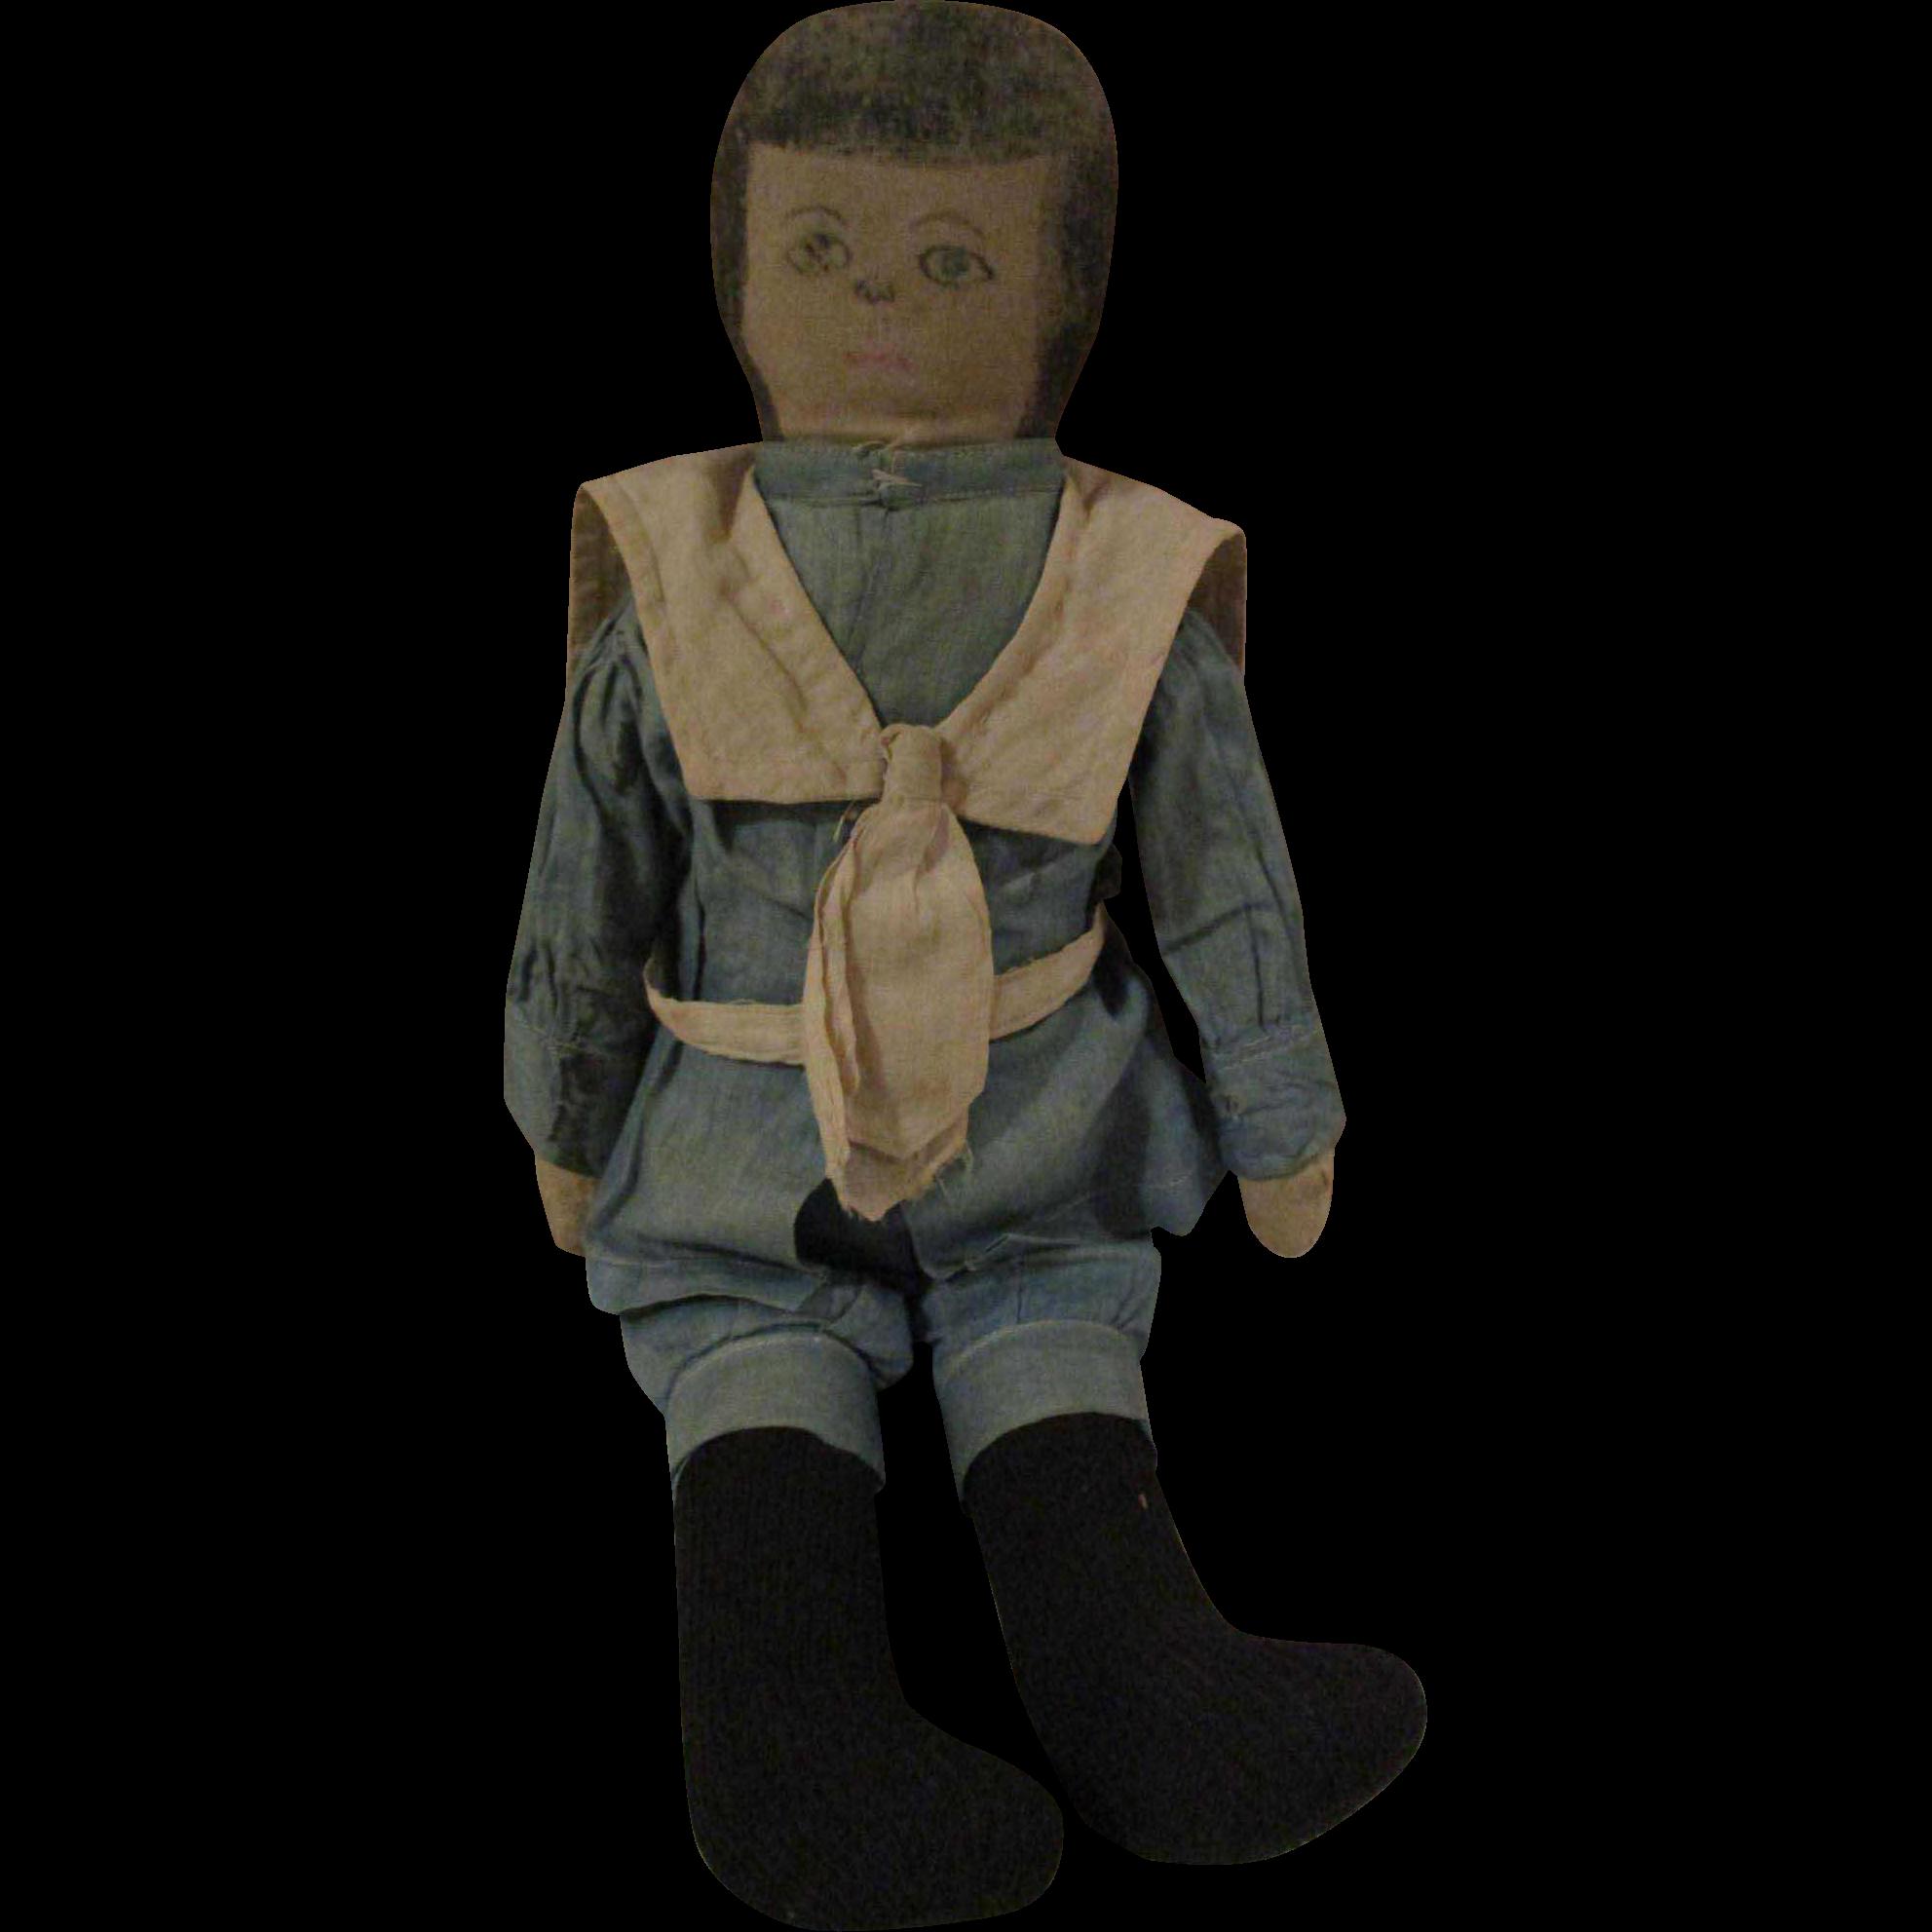 Cloth Boy Doll Bran Stuffed